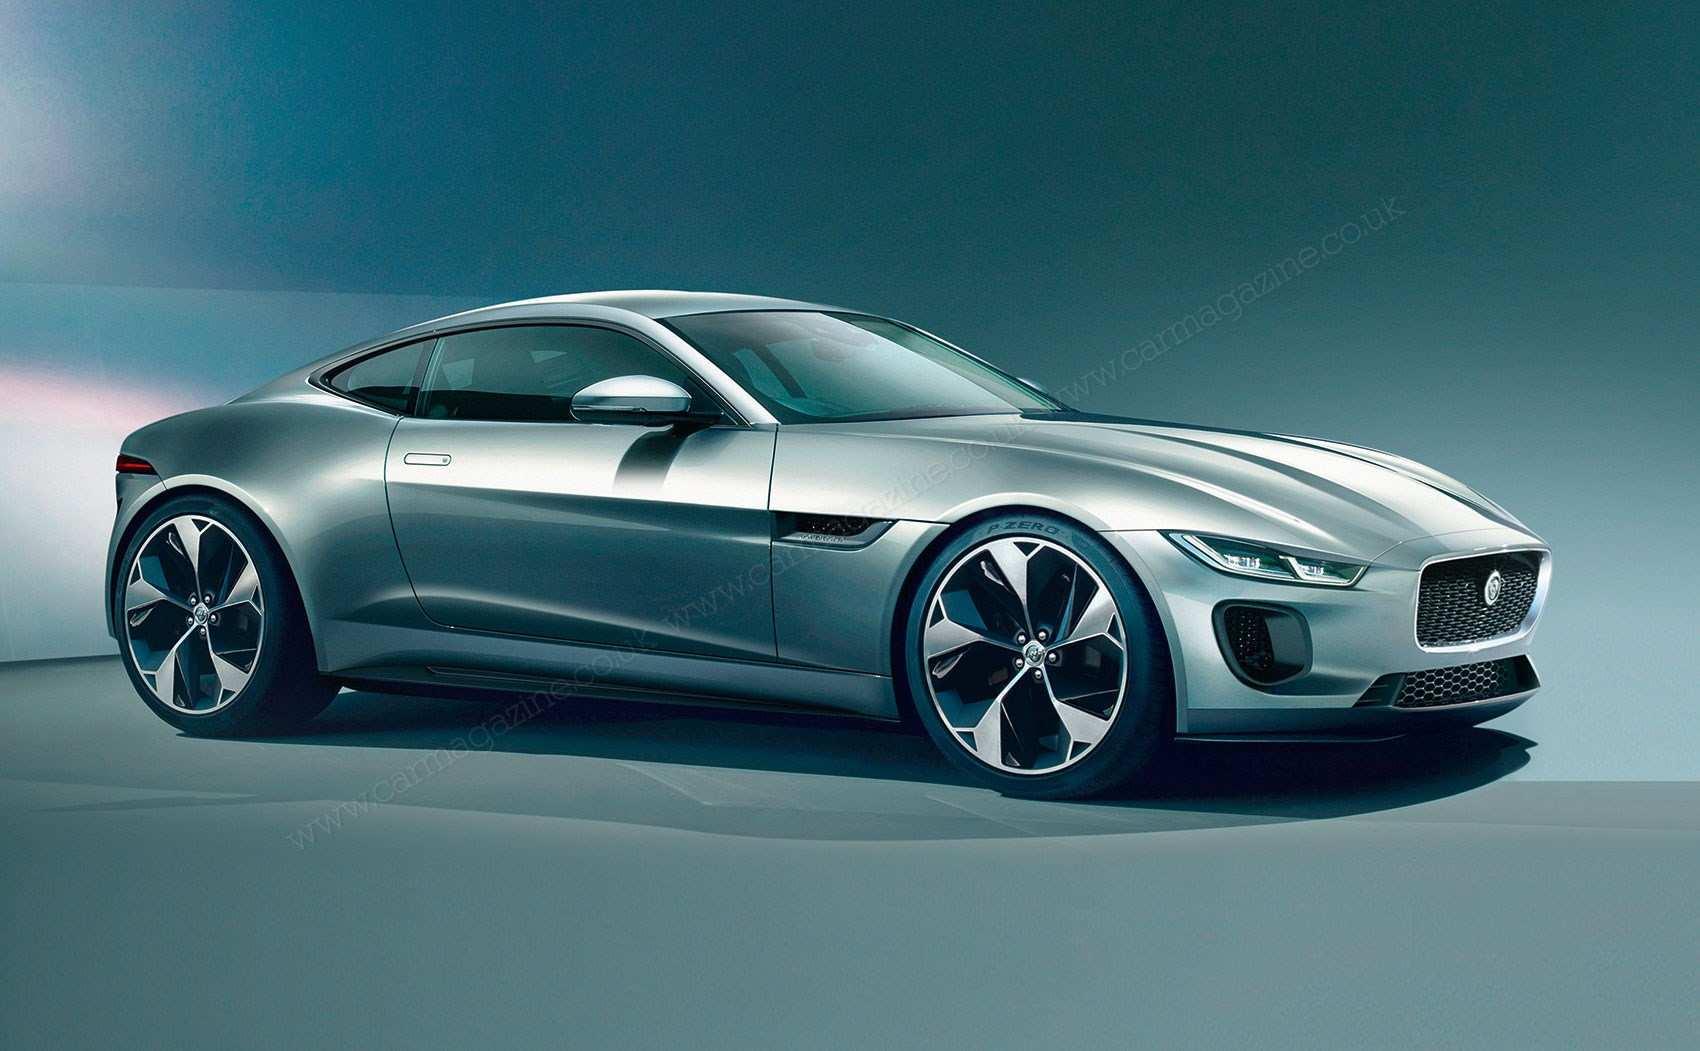 31 Concept of Jaguar Coupe 2020 Photos by Jaguar Coupe 2020